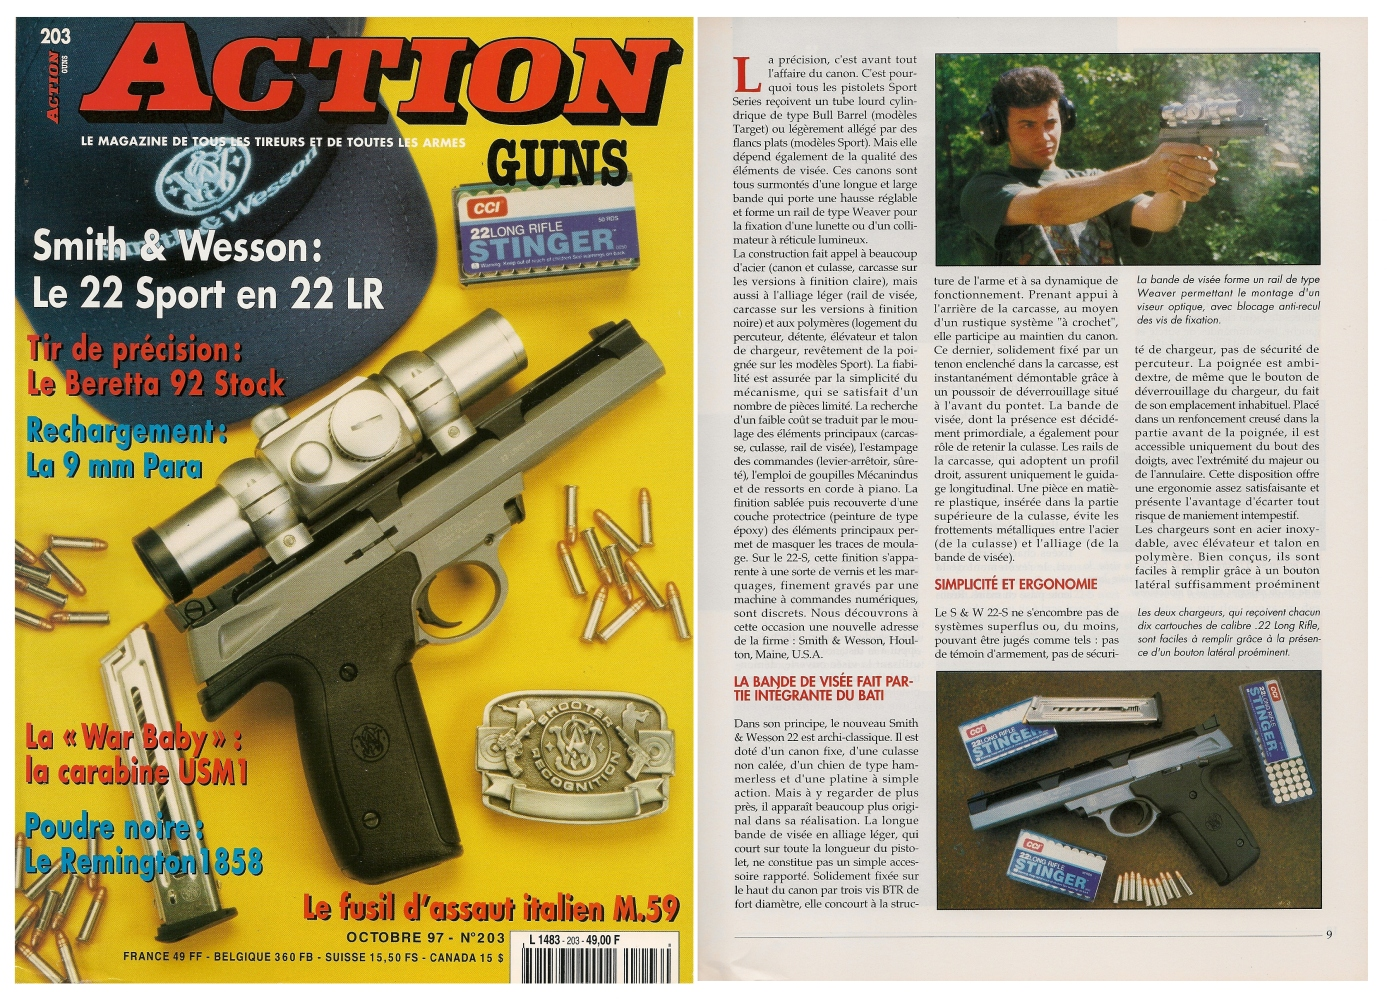 Le banc d'essai du pistolet Smith & Wesson 22-S Sport a été publié sur 6 pages dans le magazine Action Guns n°203 (octobre 1997).